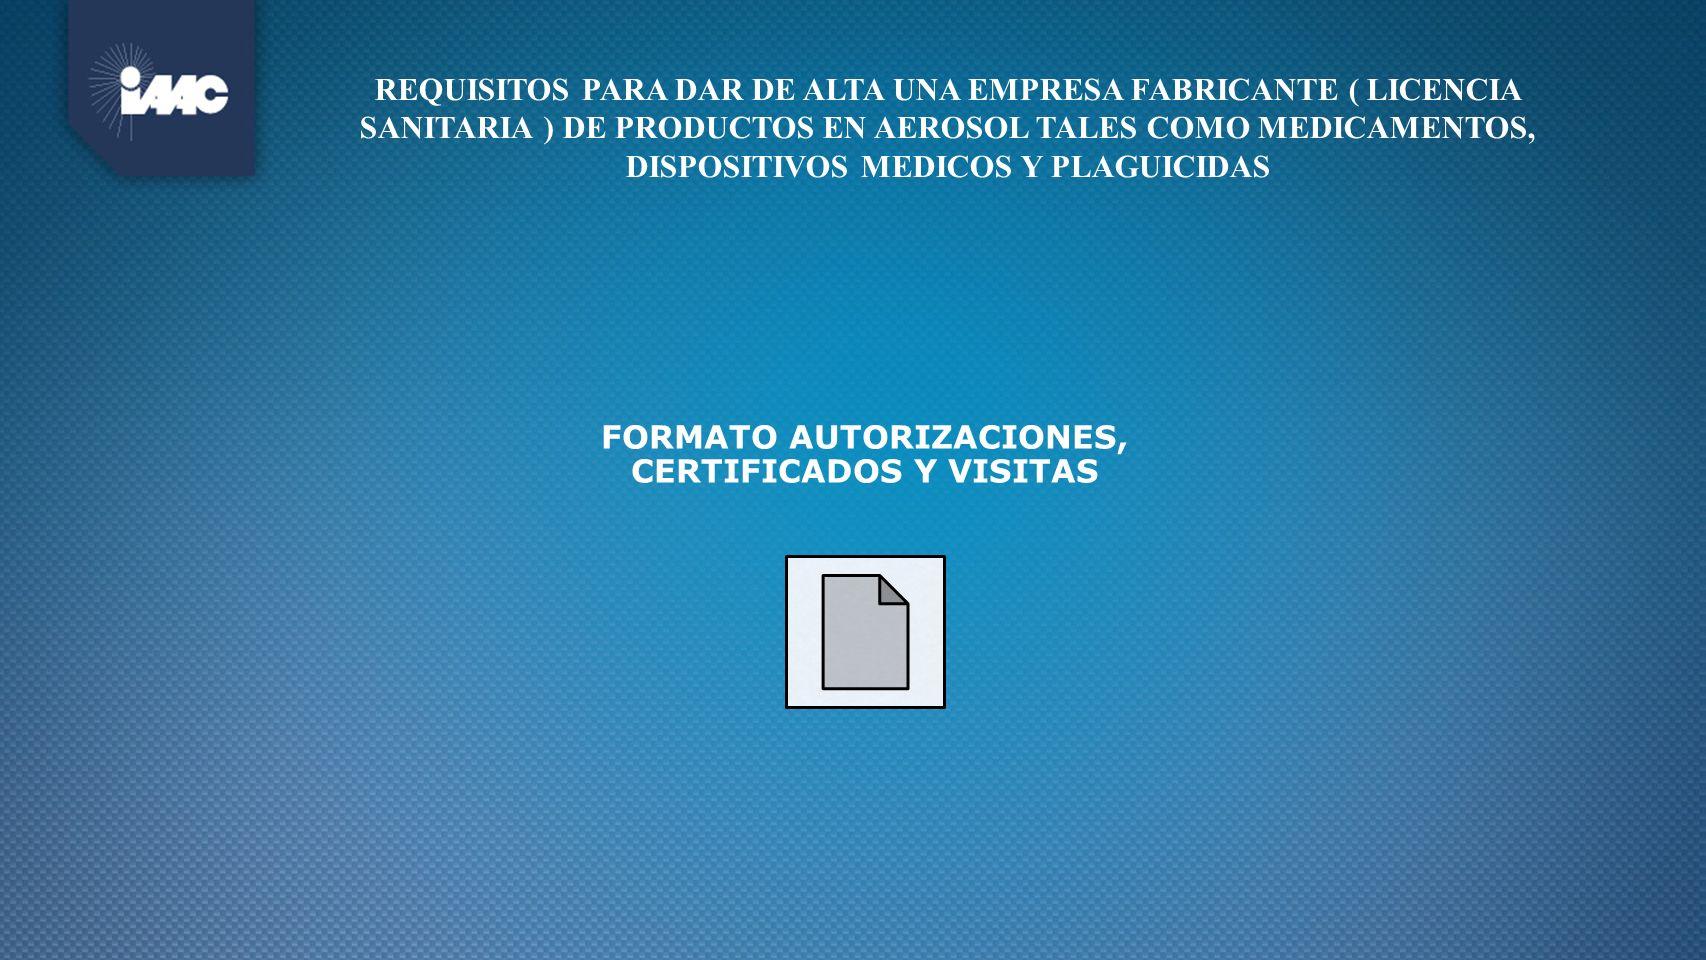 REQUISITOS PARA DAR DE ALTA UNA EMPRESA FABRICANTE ( LICENCIA SANITARIA ) DE PRODUCTOS EN AEROSOL TALES COMO MEDICAMENTOS, DISPOSITIVOS MEDICOS Y PLAG